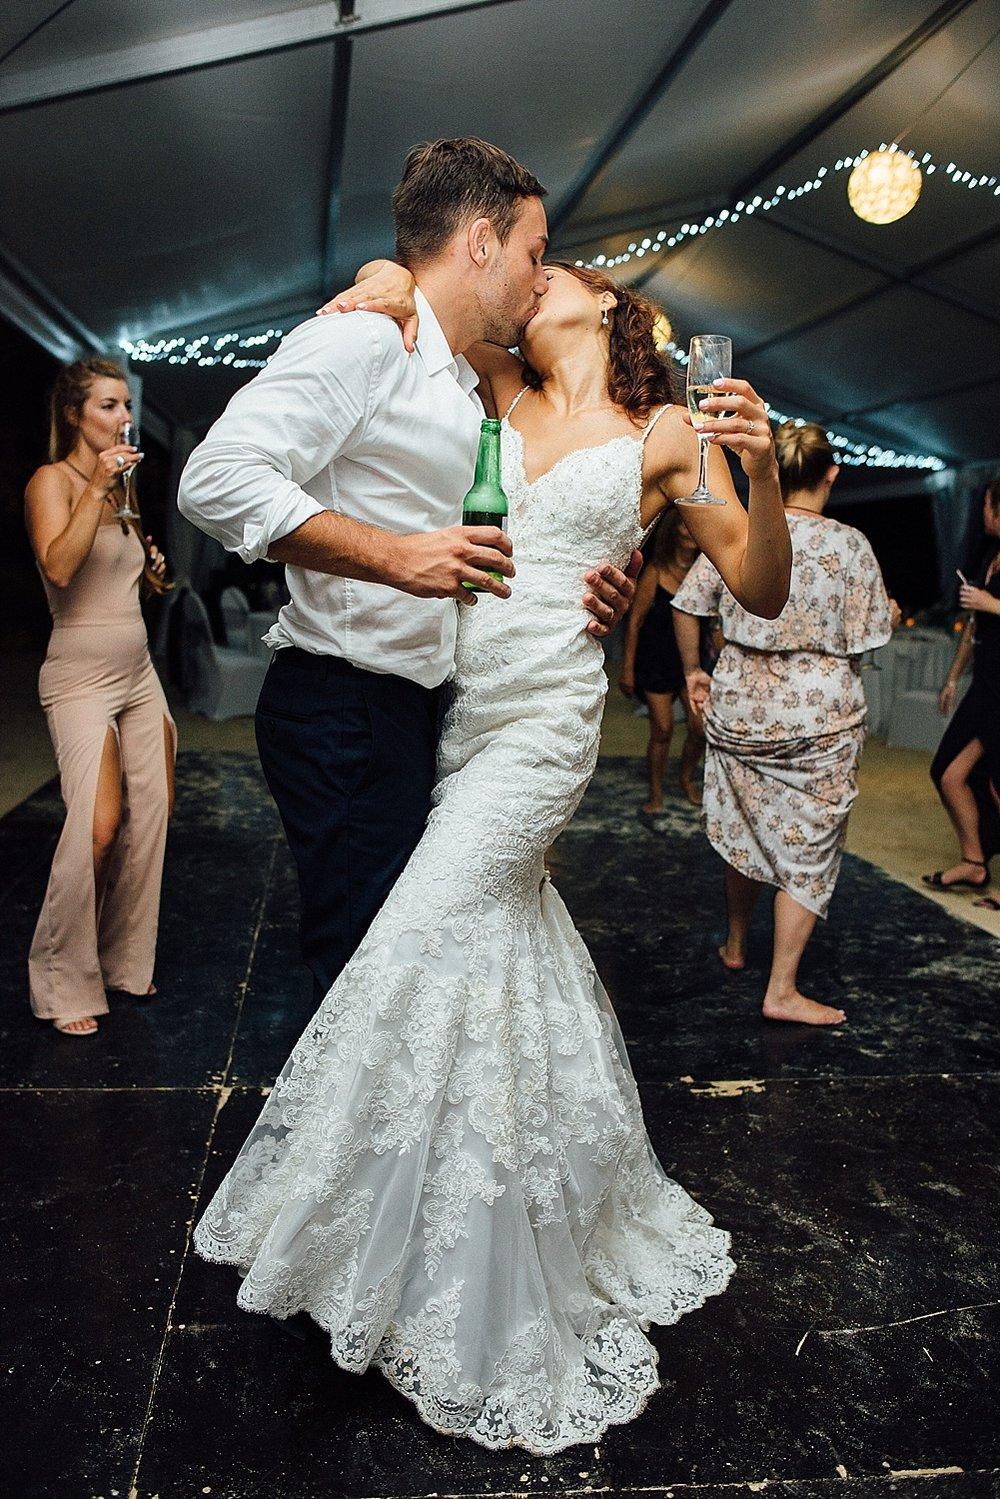 KateJake-WeddingPhotography-WarwickLeLagon-GroovyBanana-VanuatuPhotographers_0034.jpg